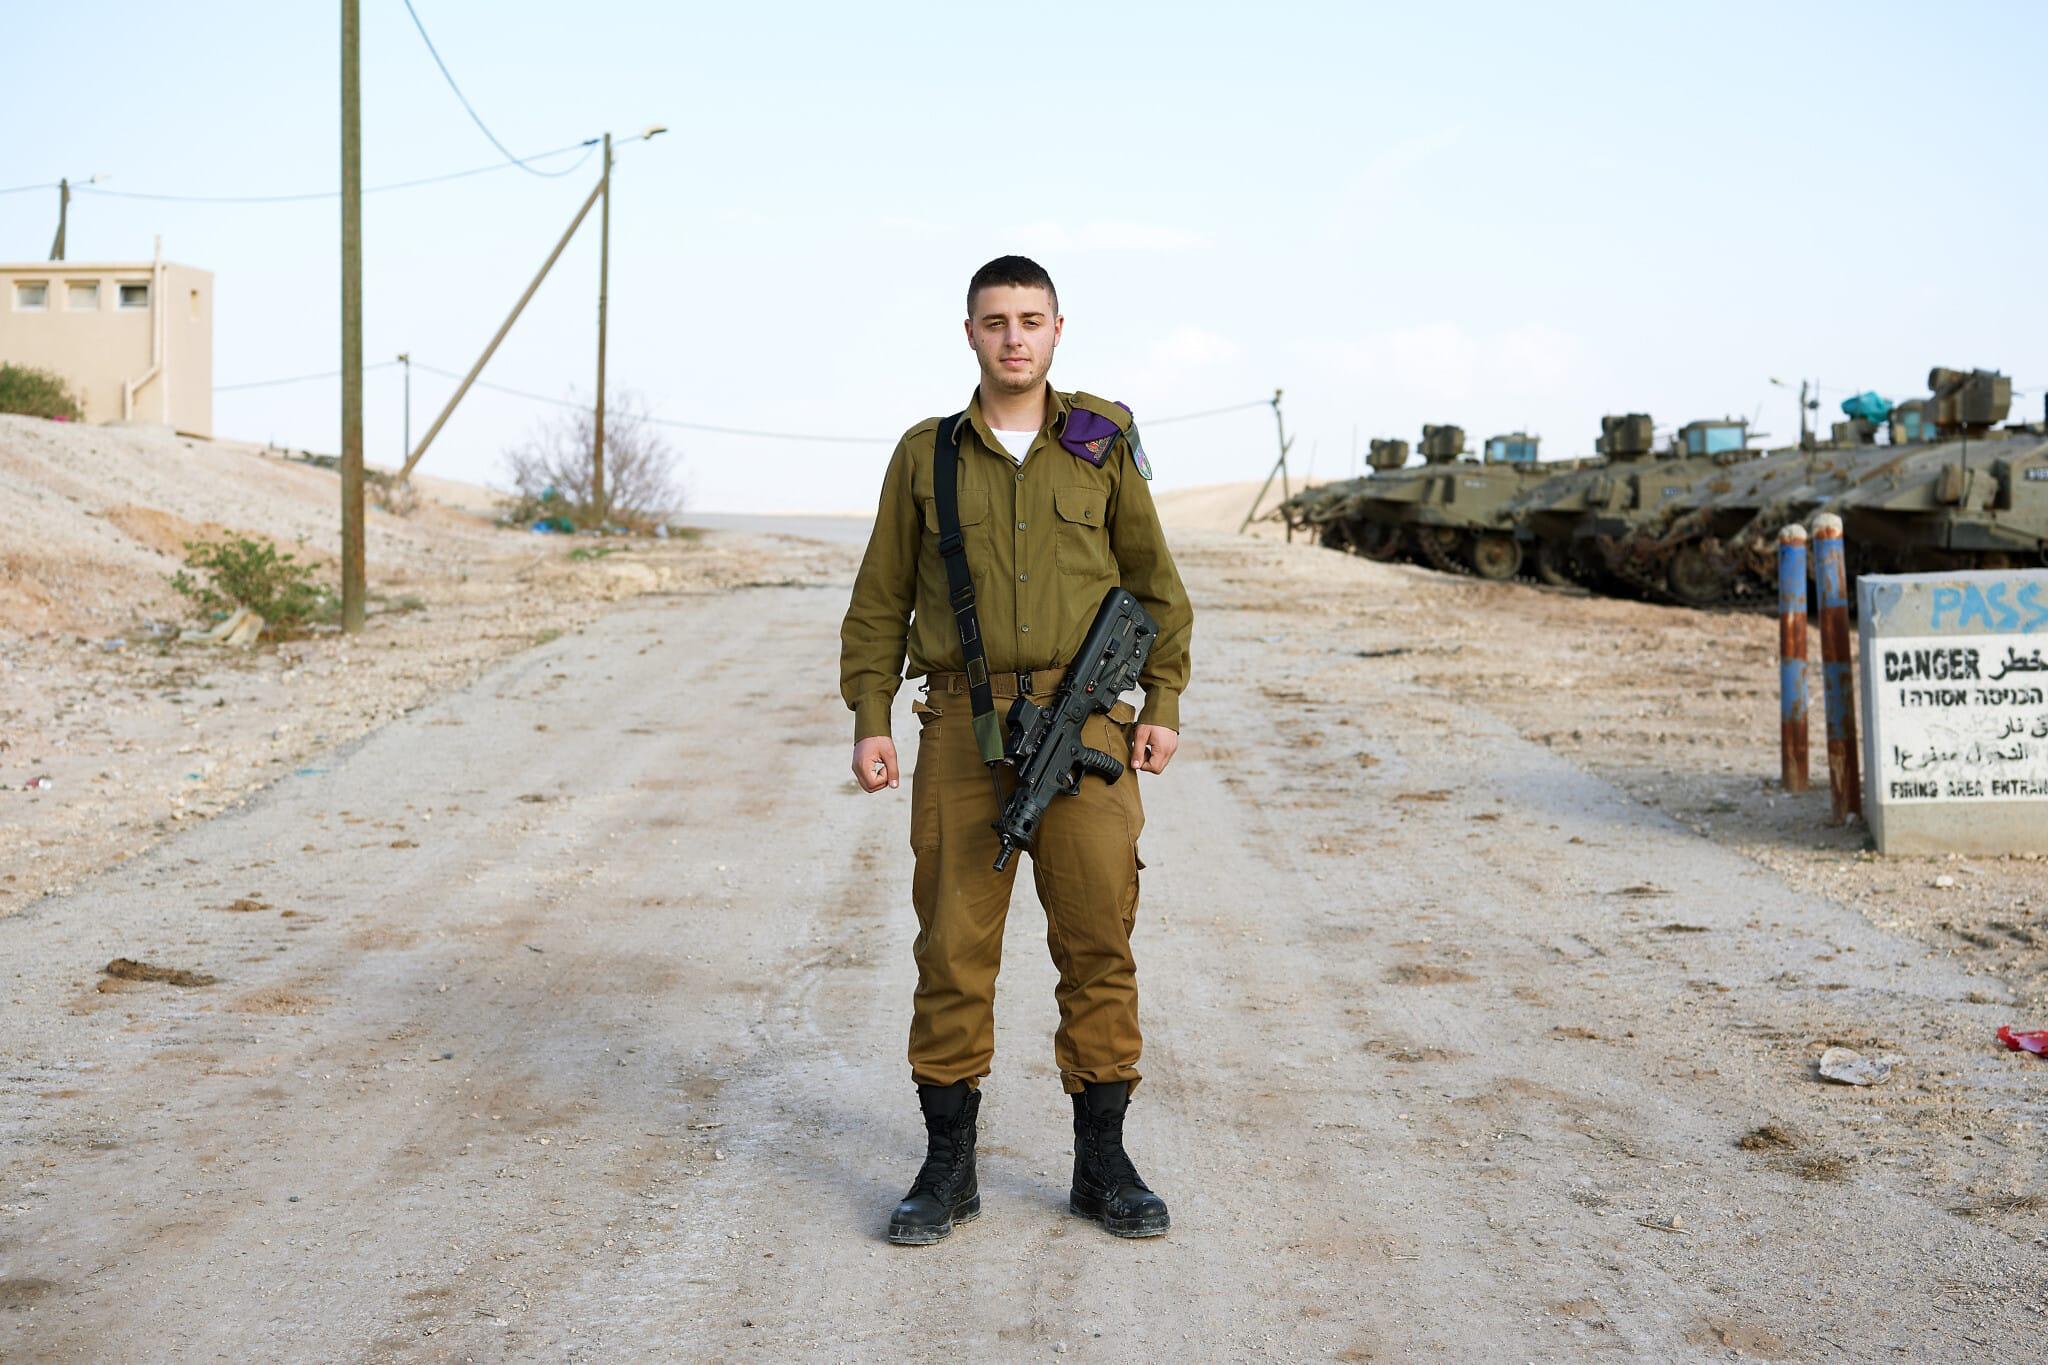 """שמואל, 19, ממילאנו, איטליה. חייל חי""""ר (צילום: ברנט סלומוביץ')"""